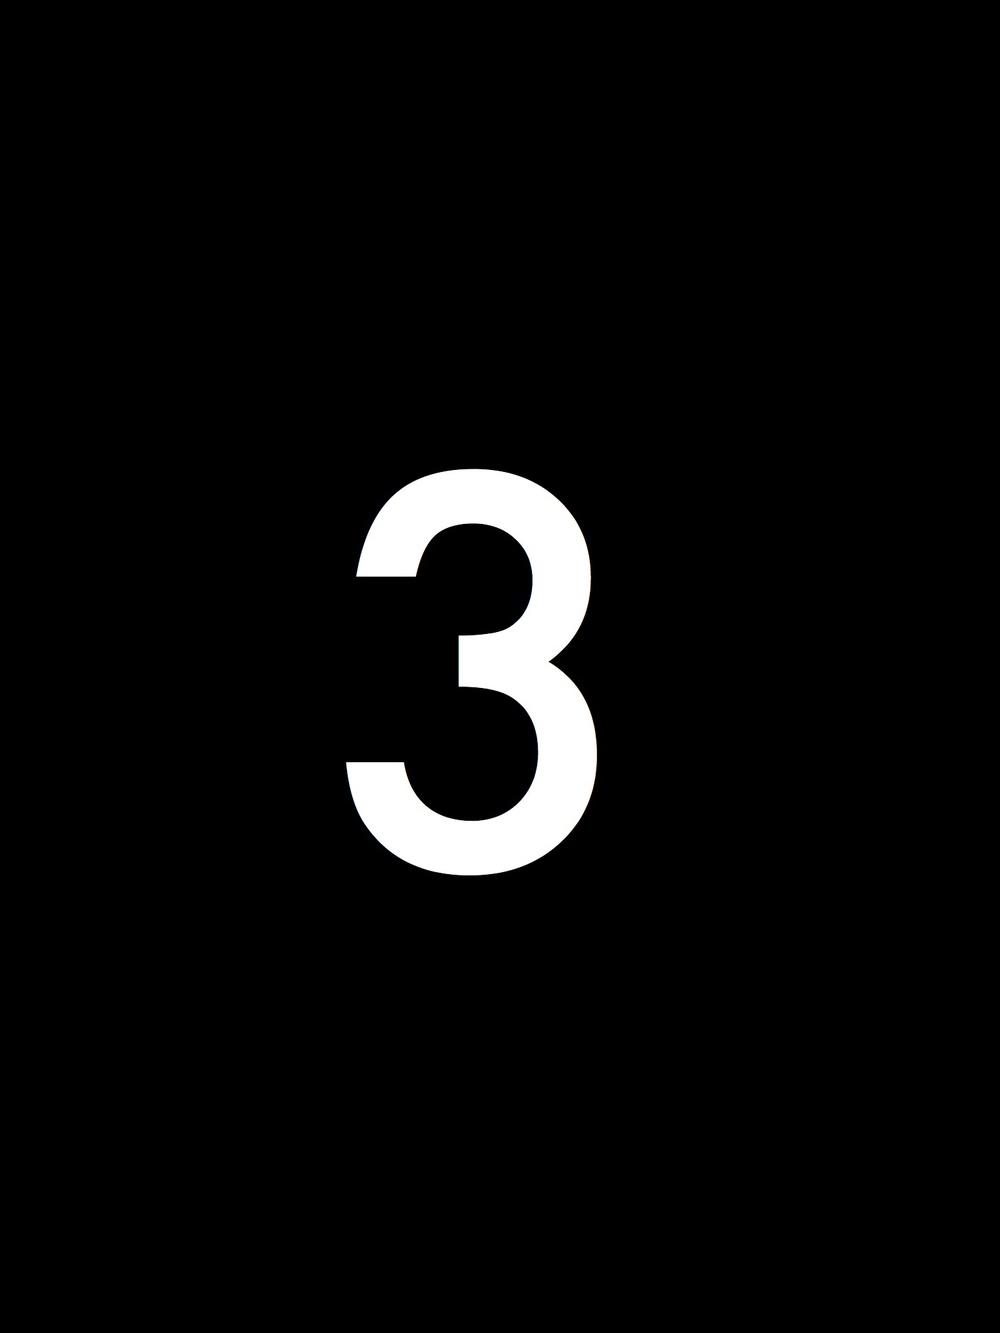 Black_Number.003.jpg